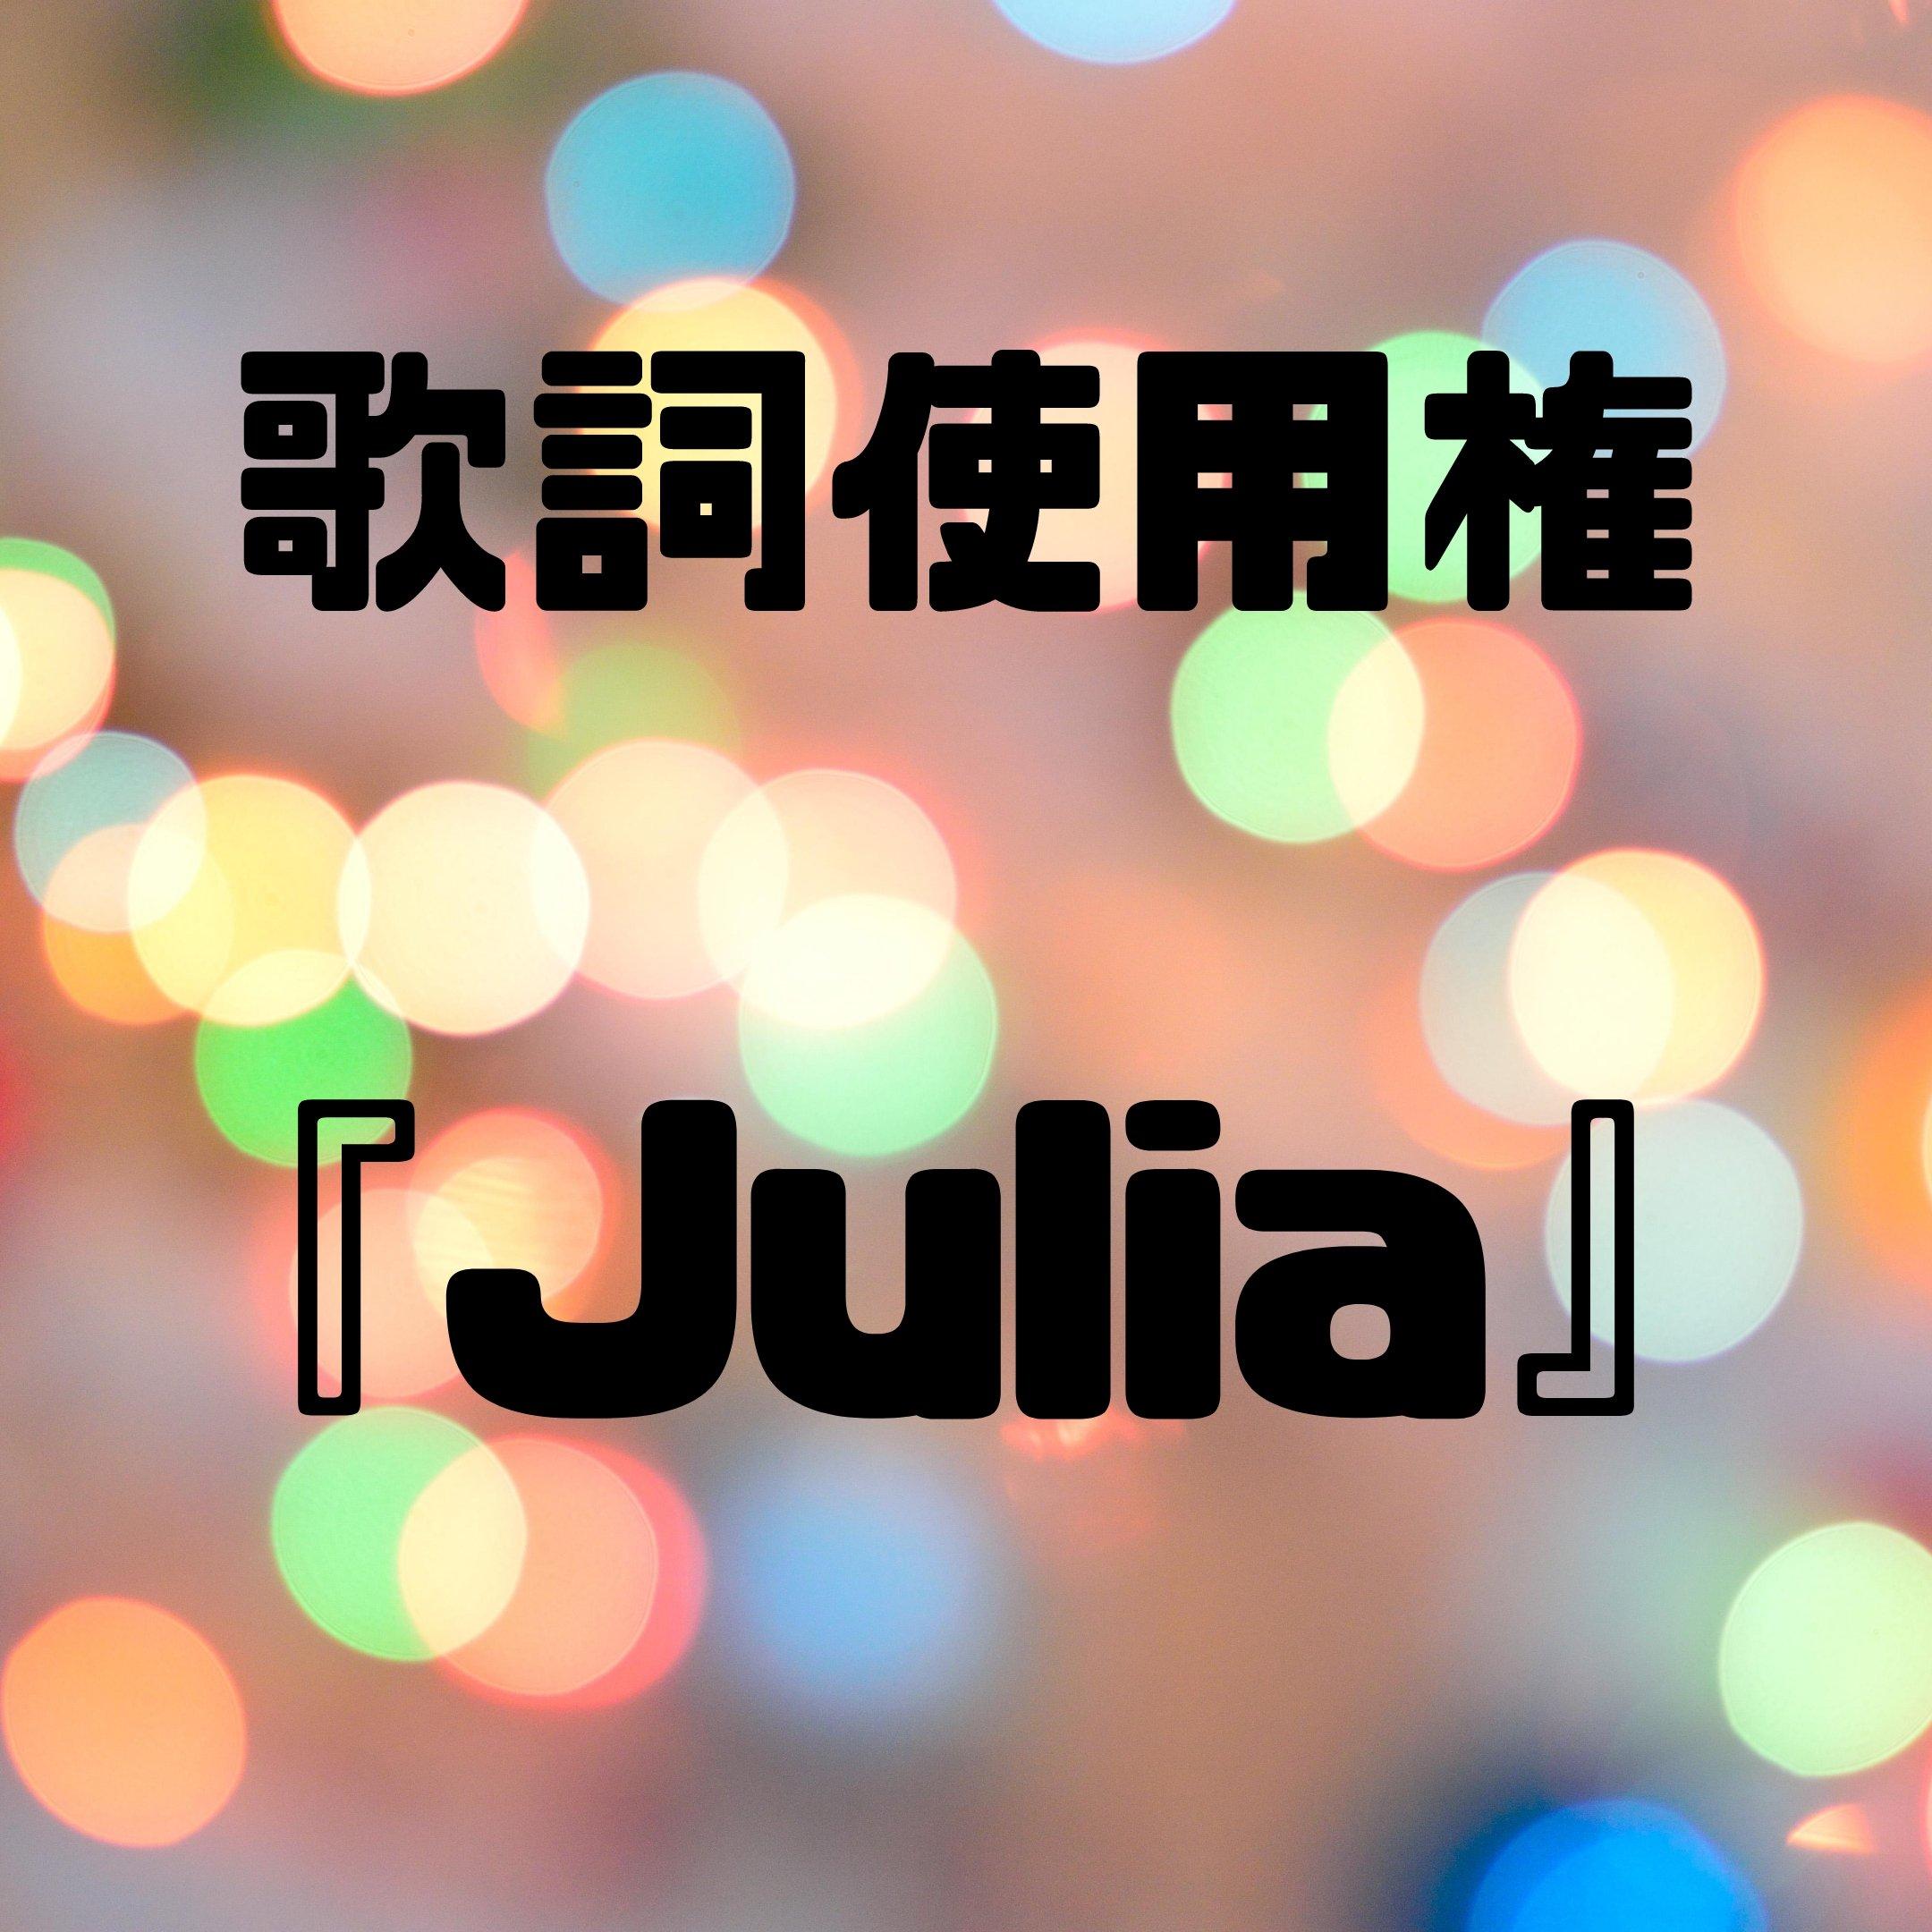 【歌詞使用権】Juliaのイメージその1